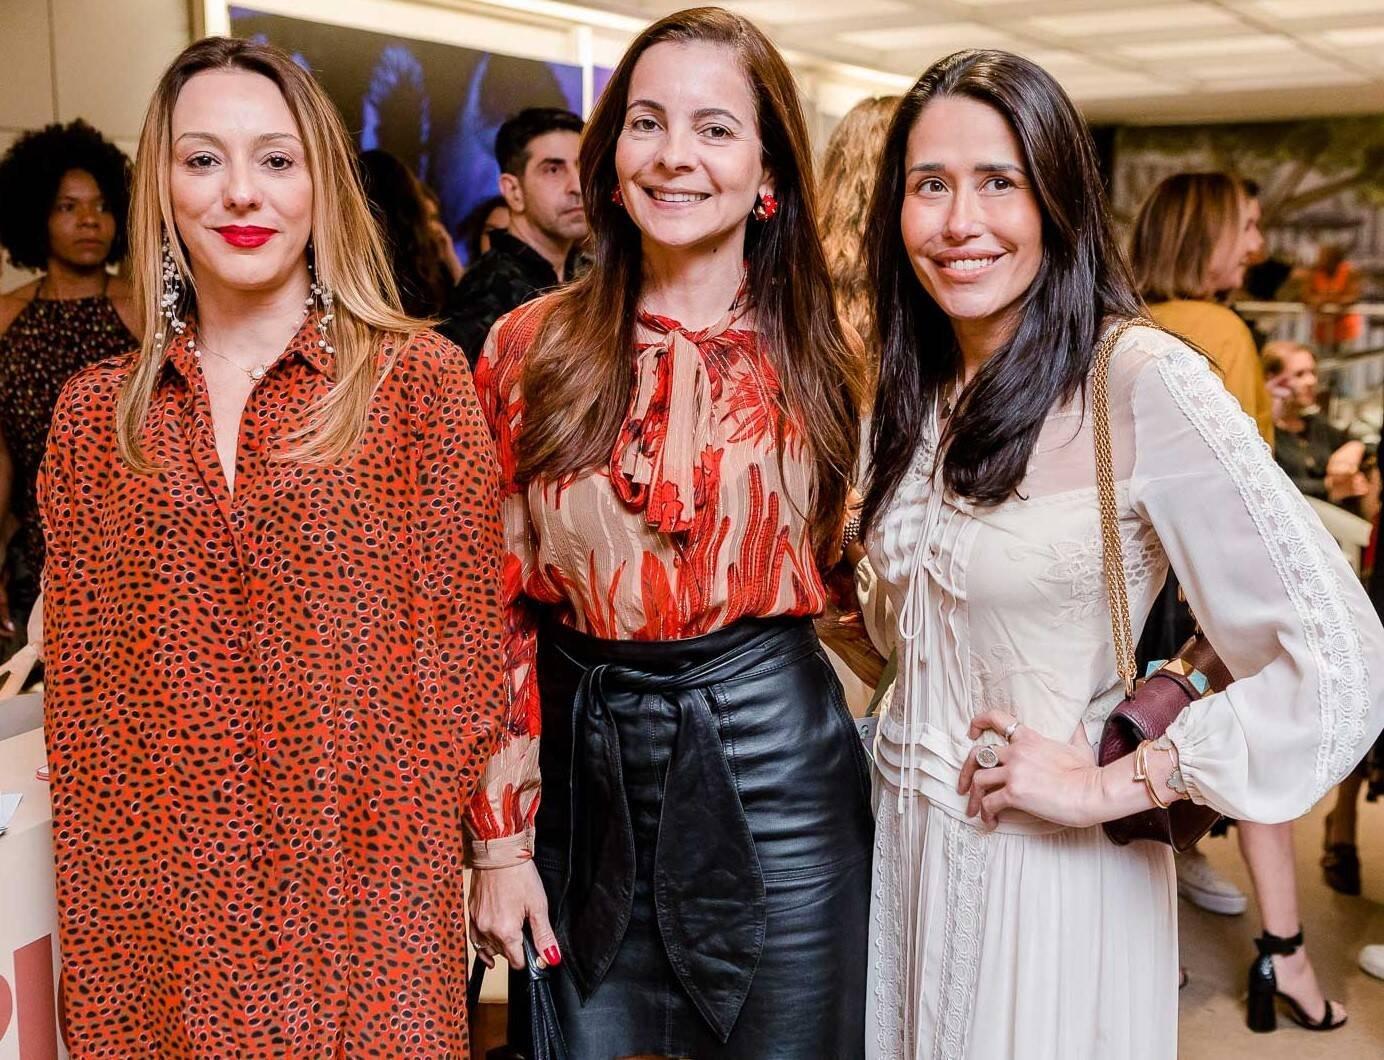 Camila Garcia, Isabela Menezes e Paula Severiano Ribeiro /Foto: Bruno Ryfer